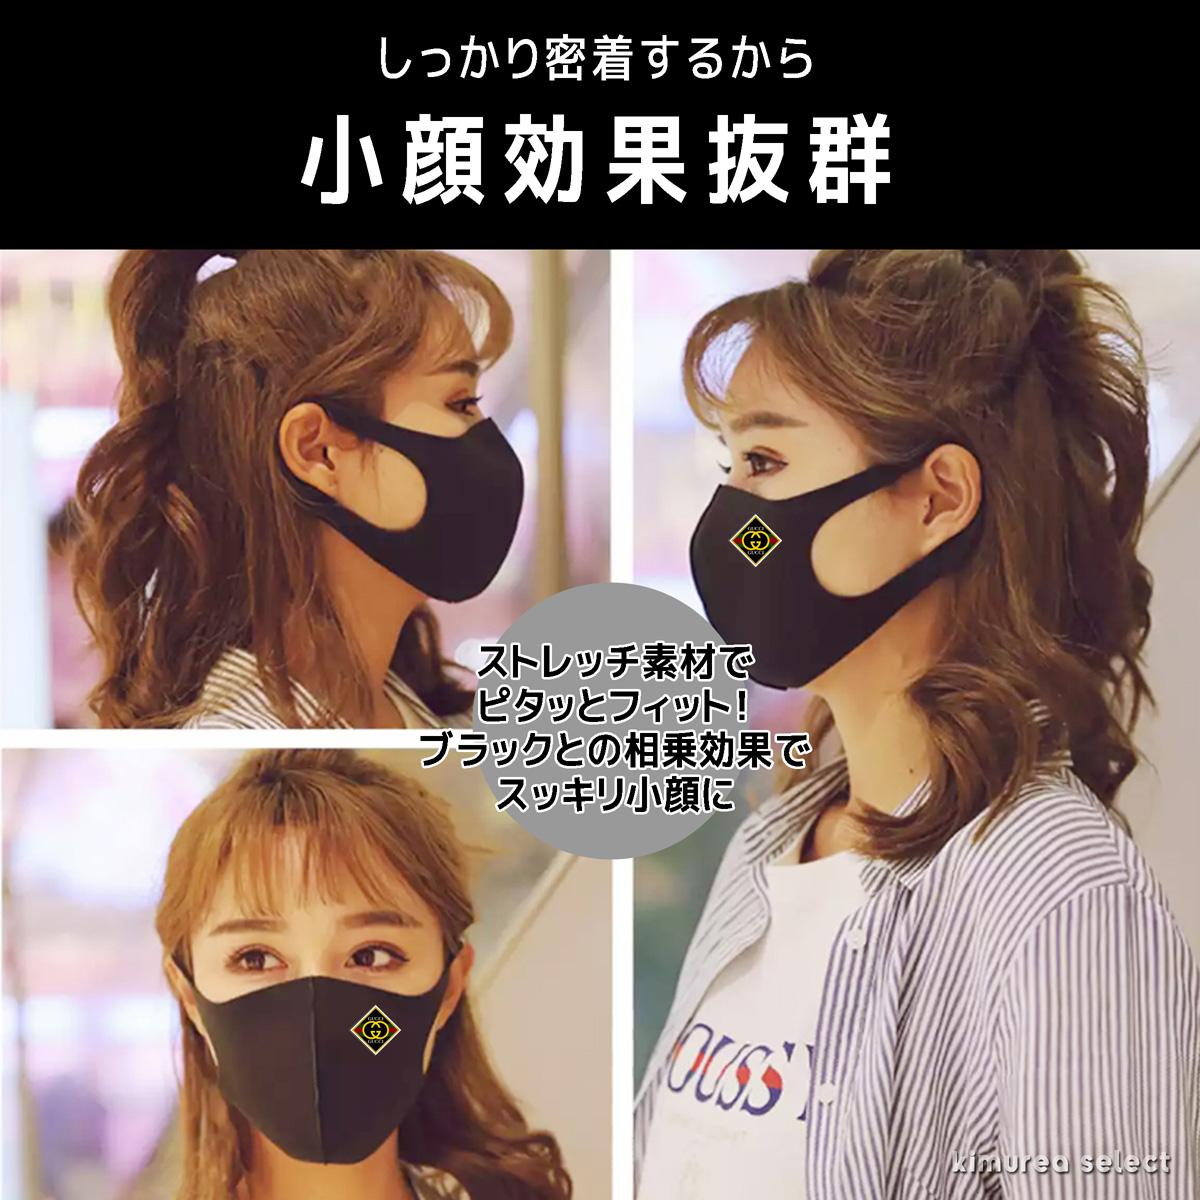 ウィルス対策 3D立体マスク Gucci マスク